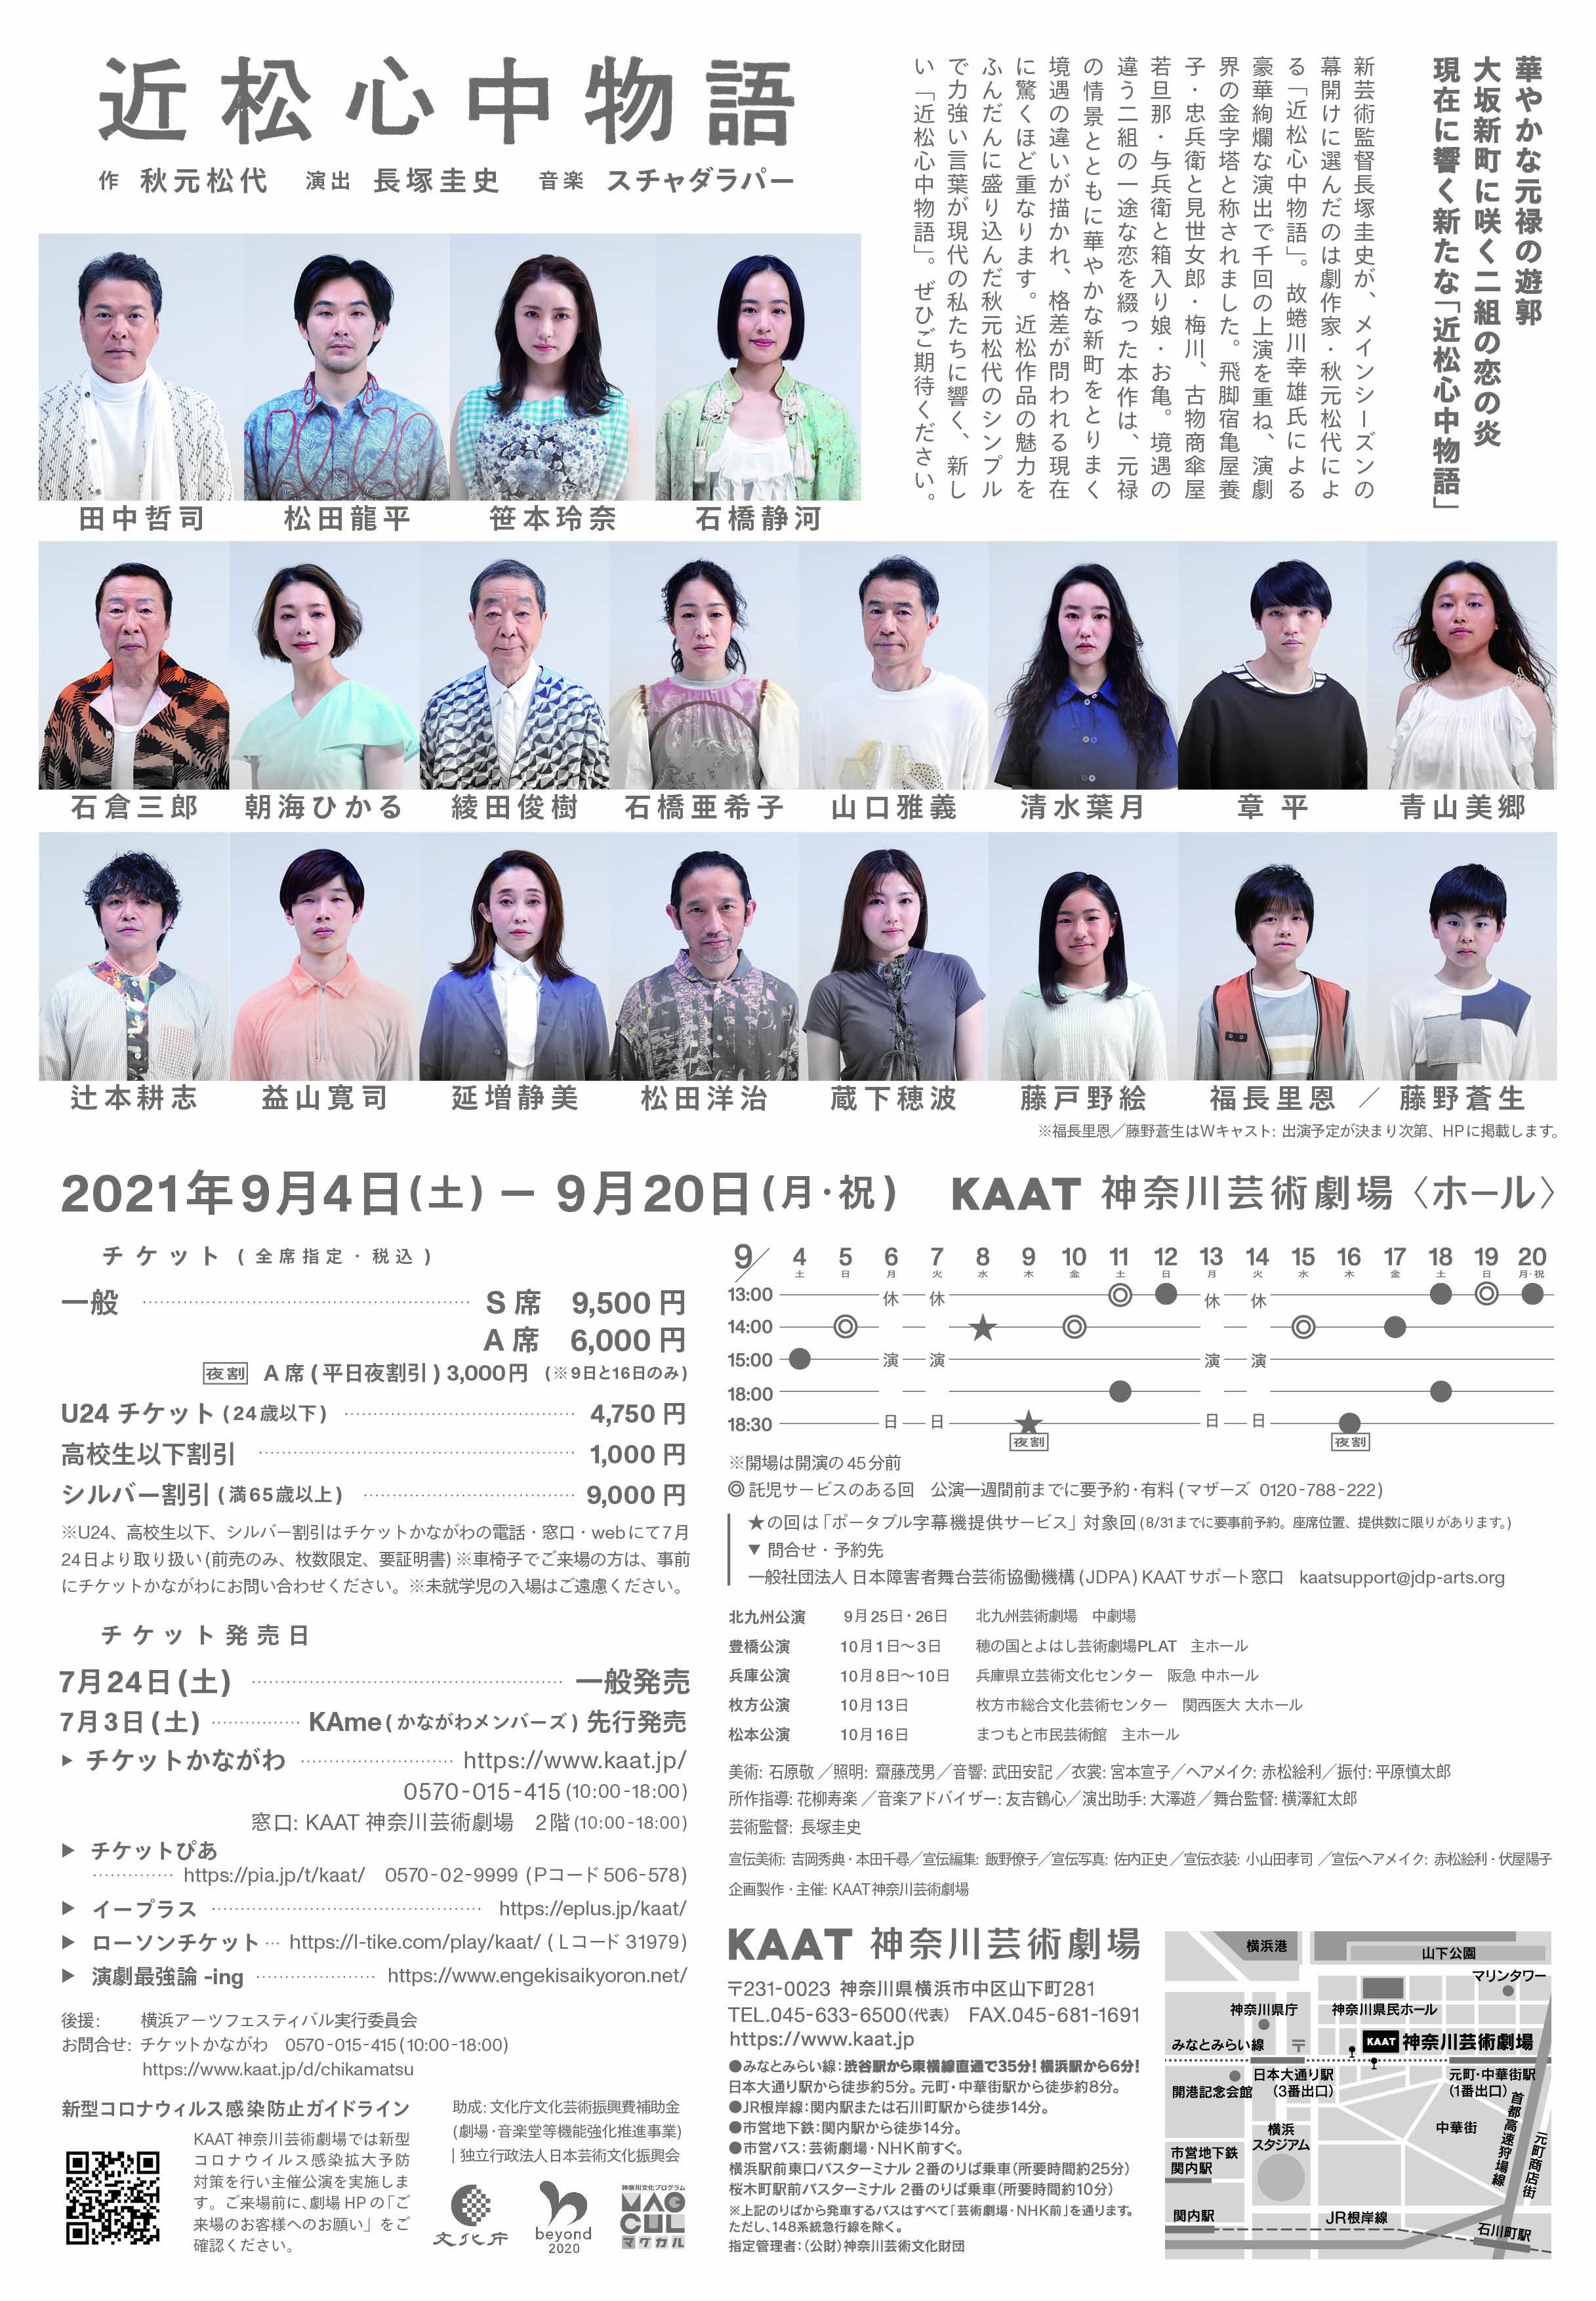 chikamatsu_press_01_ura.jpg